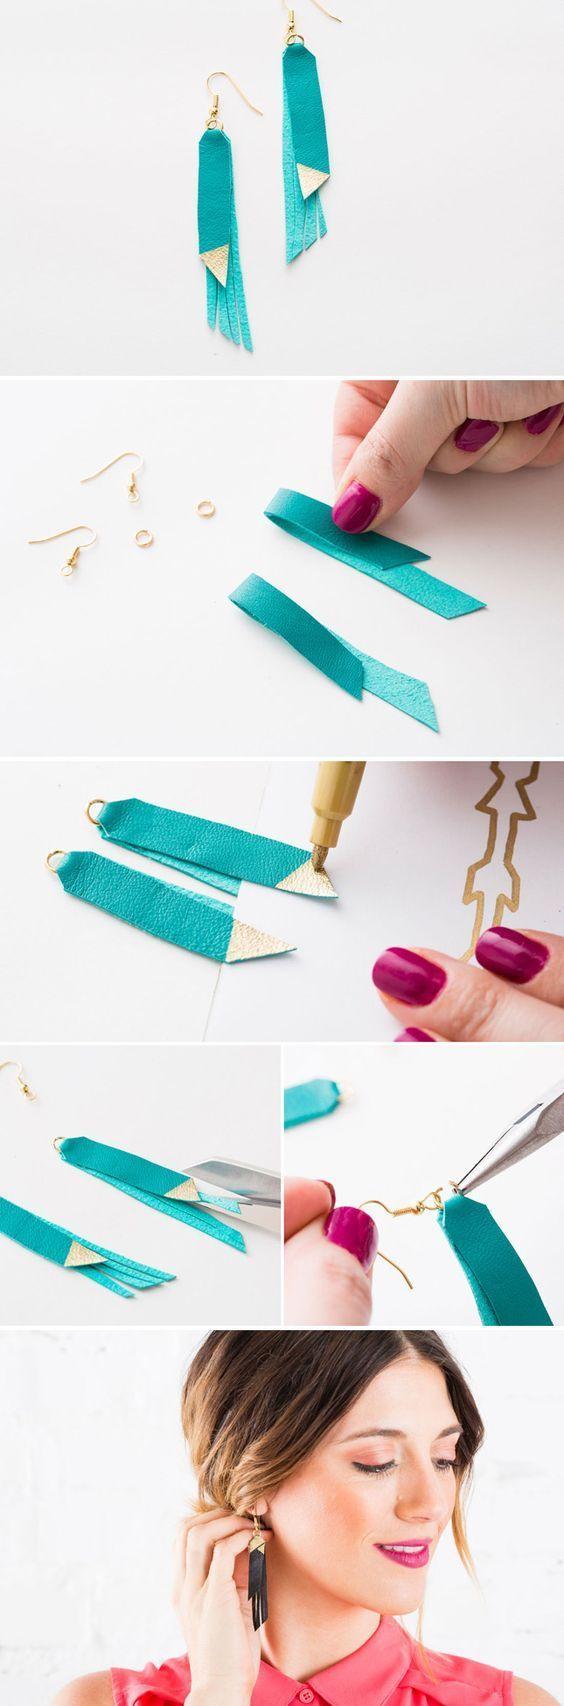 Machen Sie mit diesem Kit Ihren eigenen Lederschmuck aus Leder. Kaufen Sie es hier: go.brit.co/1zQF #dreamdates